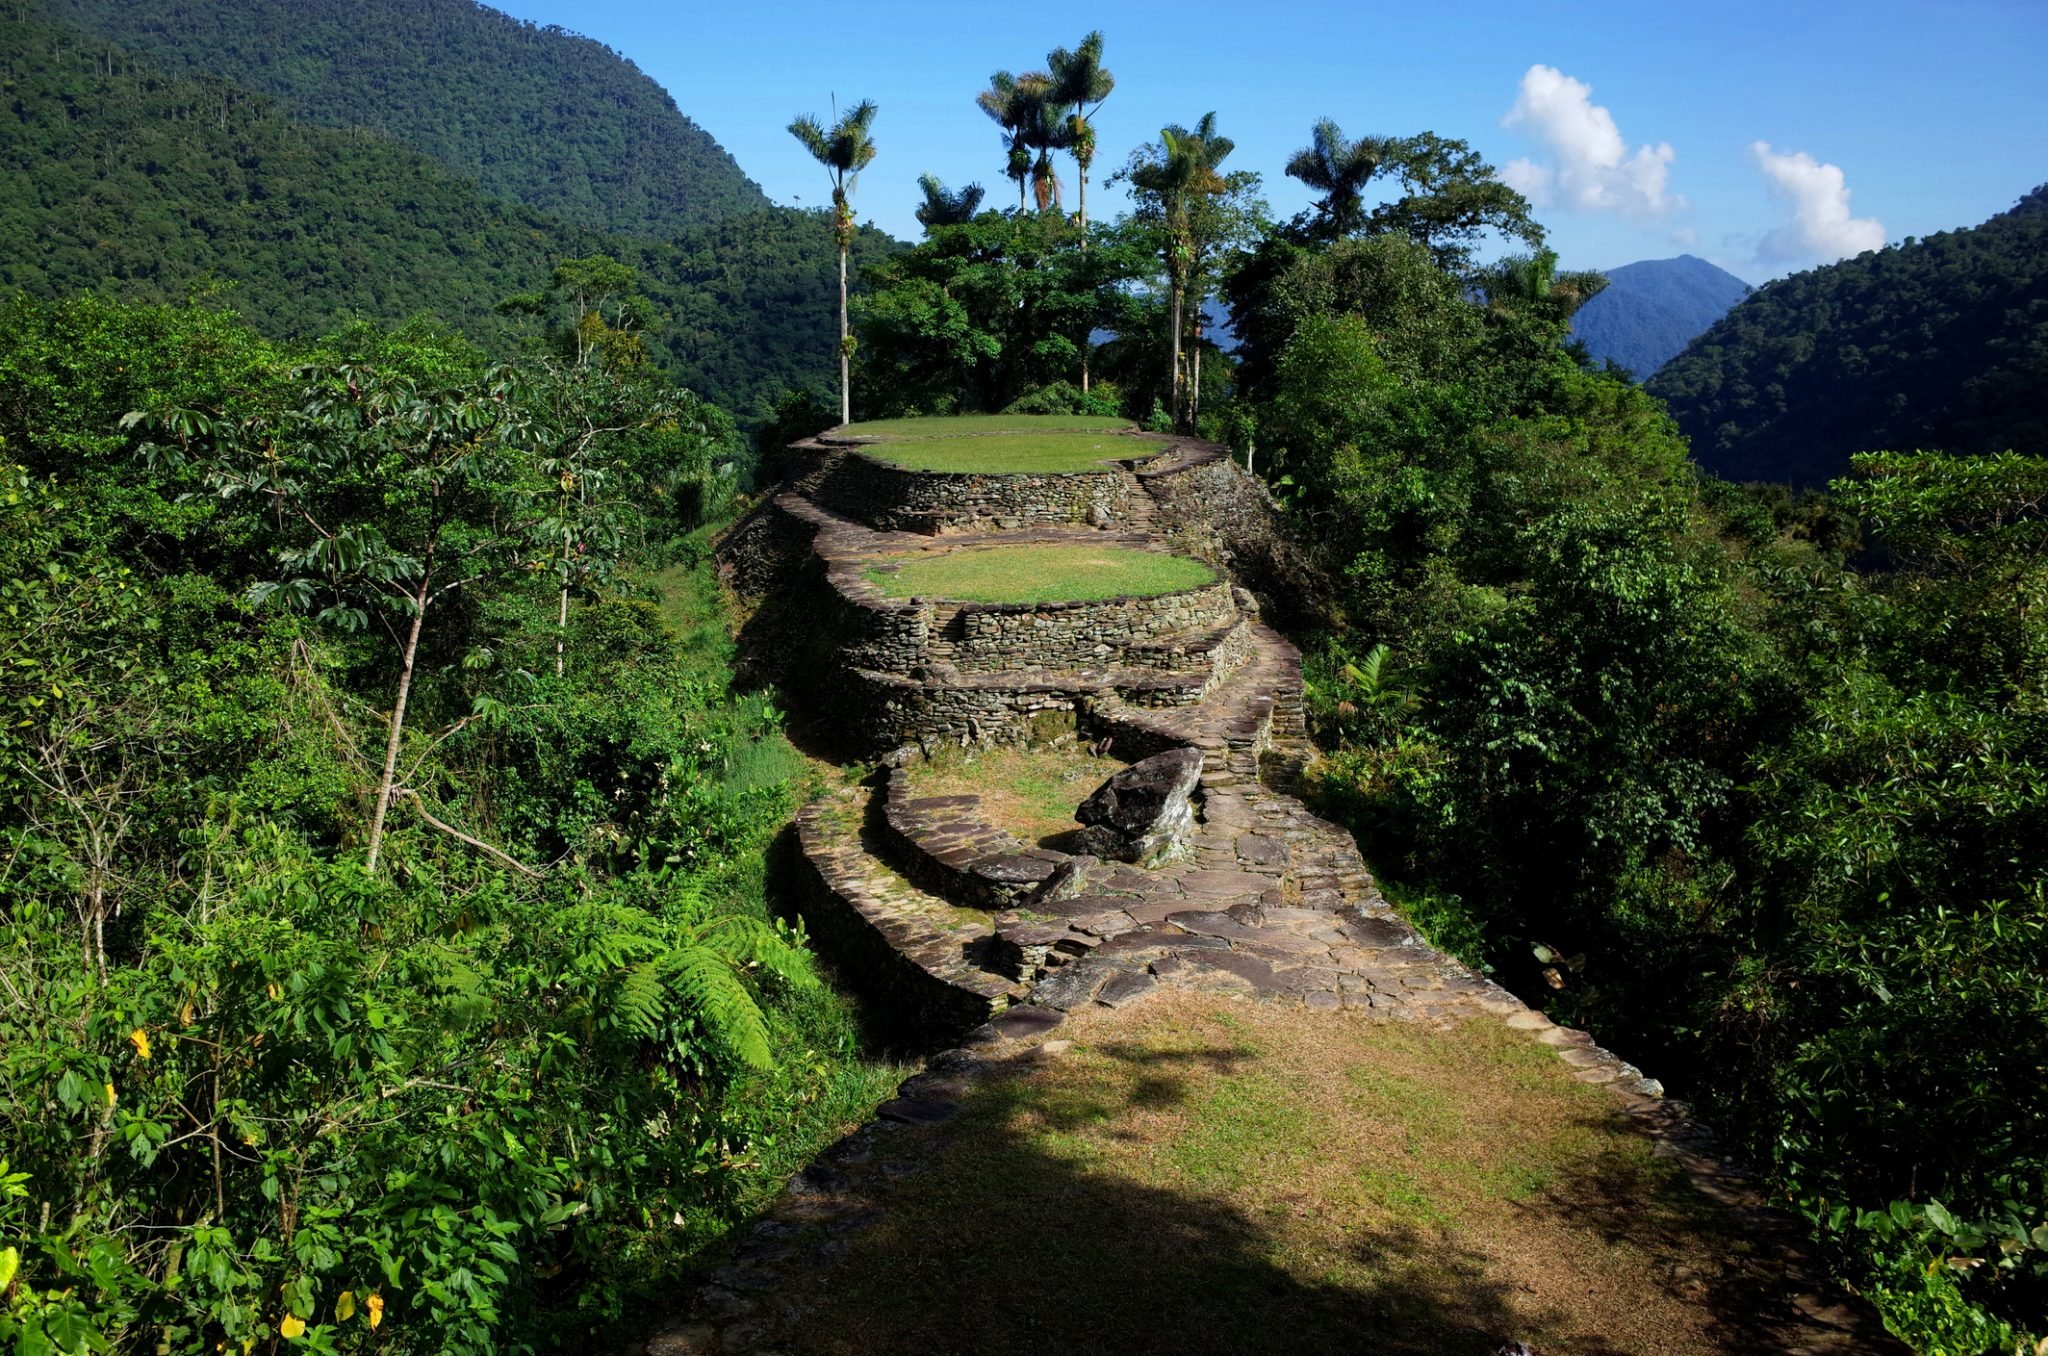 La Ciudad Perdida (Lost City) in Colombia